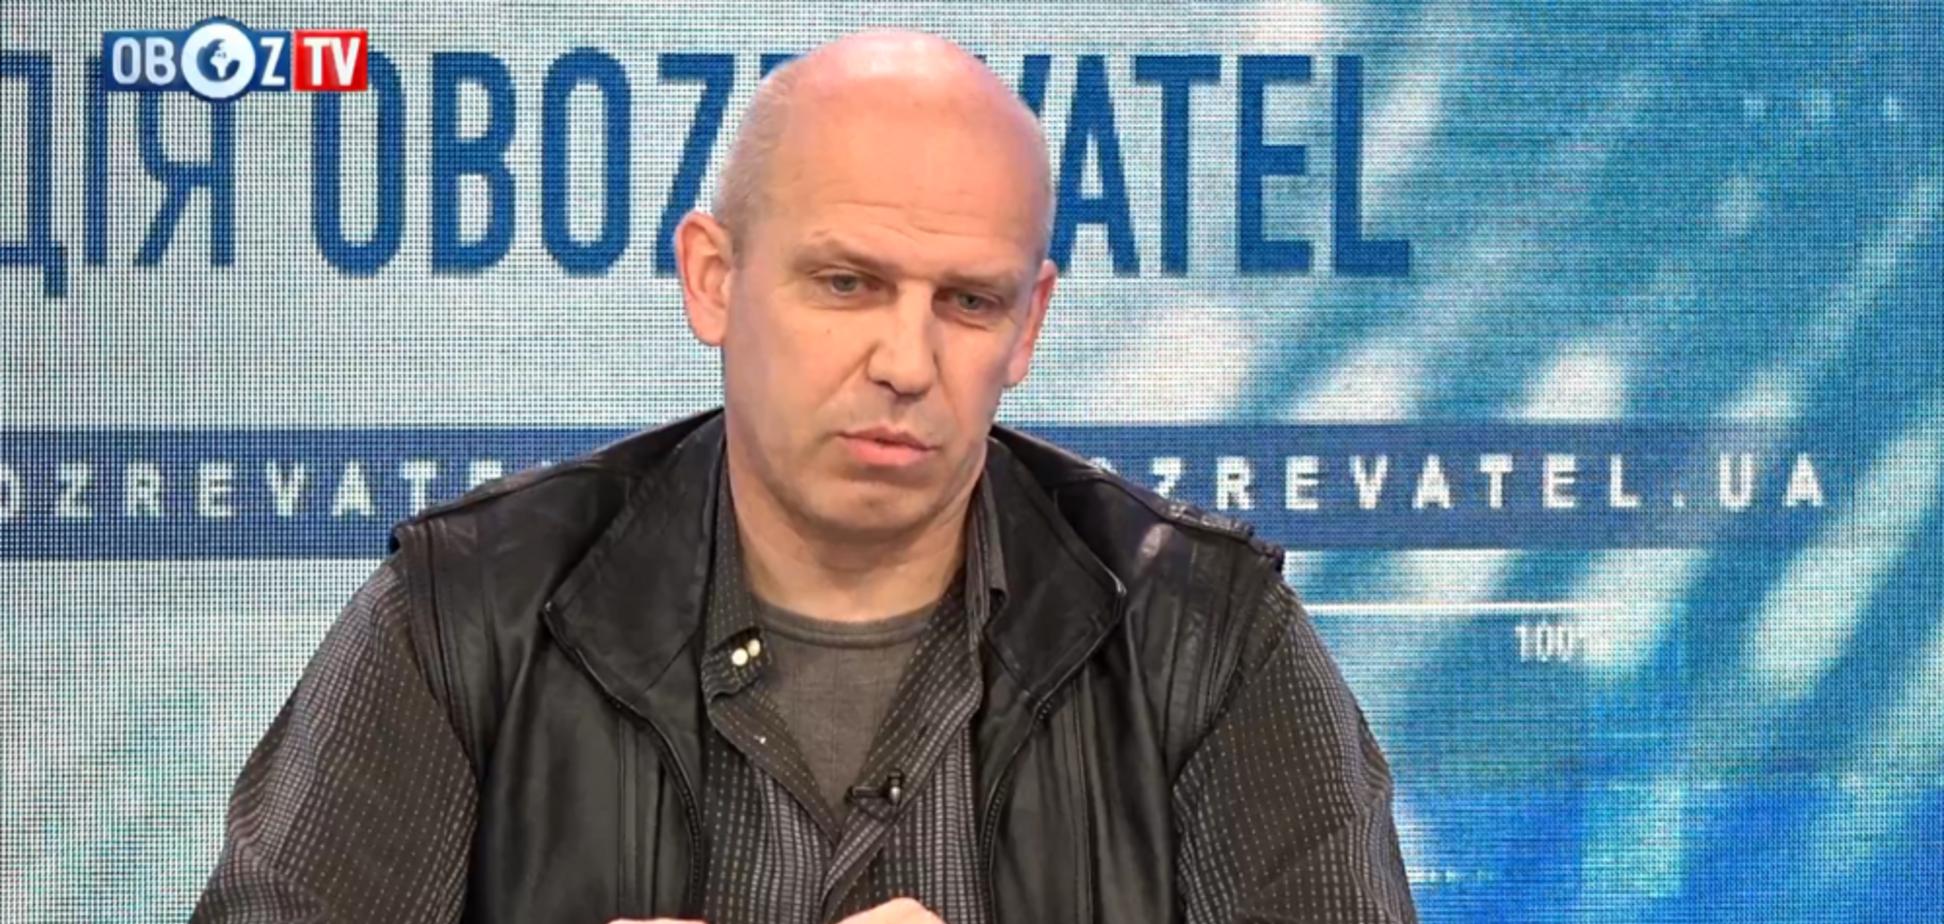 Оружие победы: с чем оставляет Порошенко украинскую армию – мнение эксперта